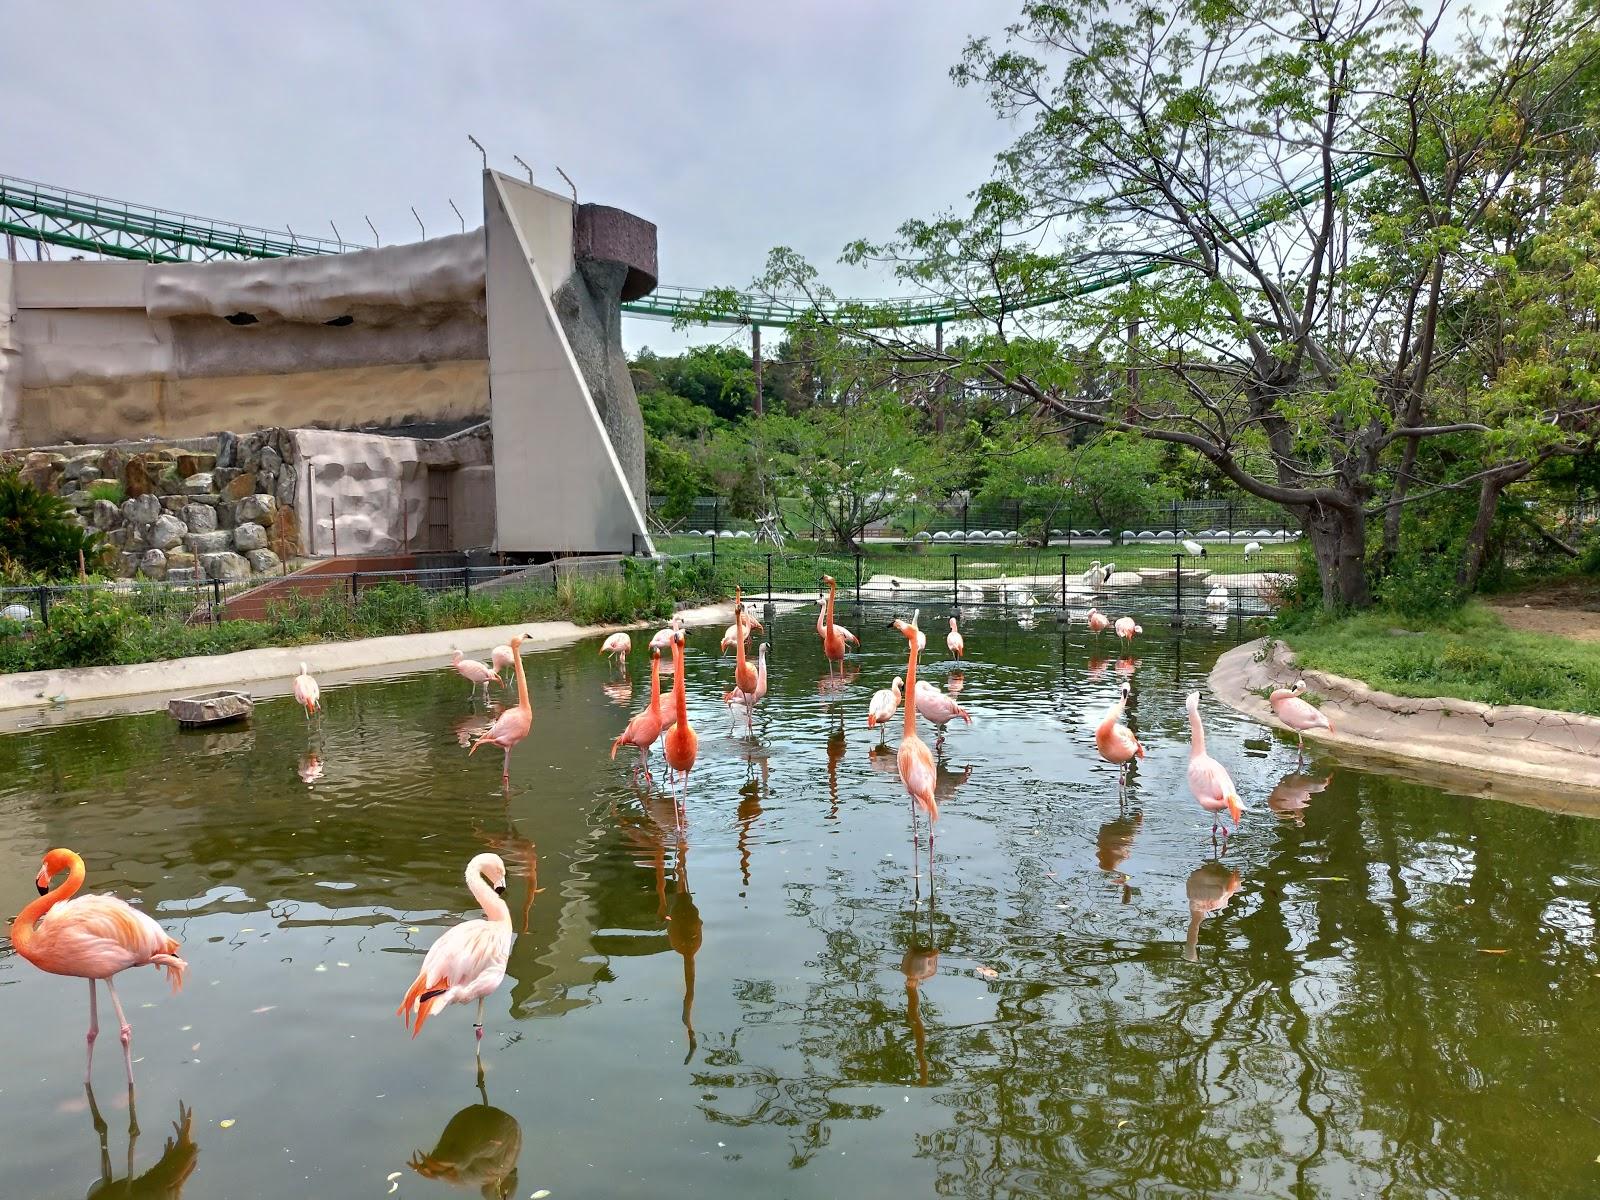 フラミンゴ|アドベンチャーワールド<前編>入場からふれあい広場をご紹介